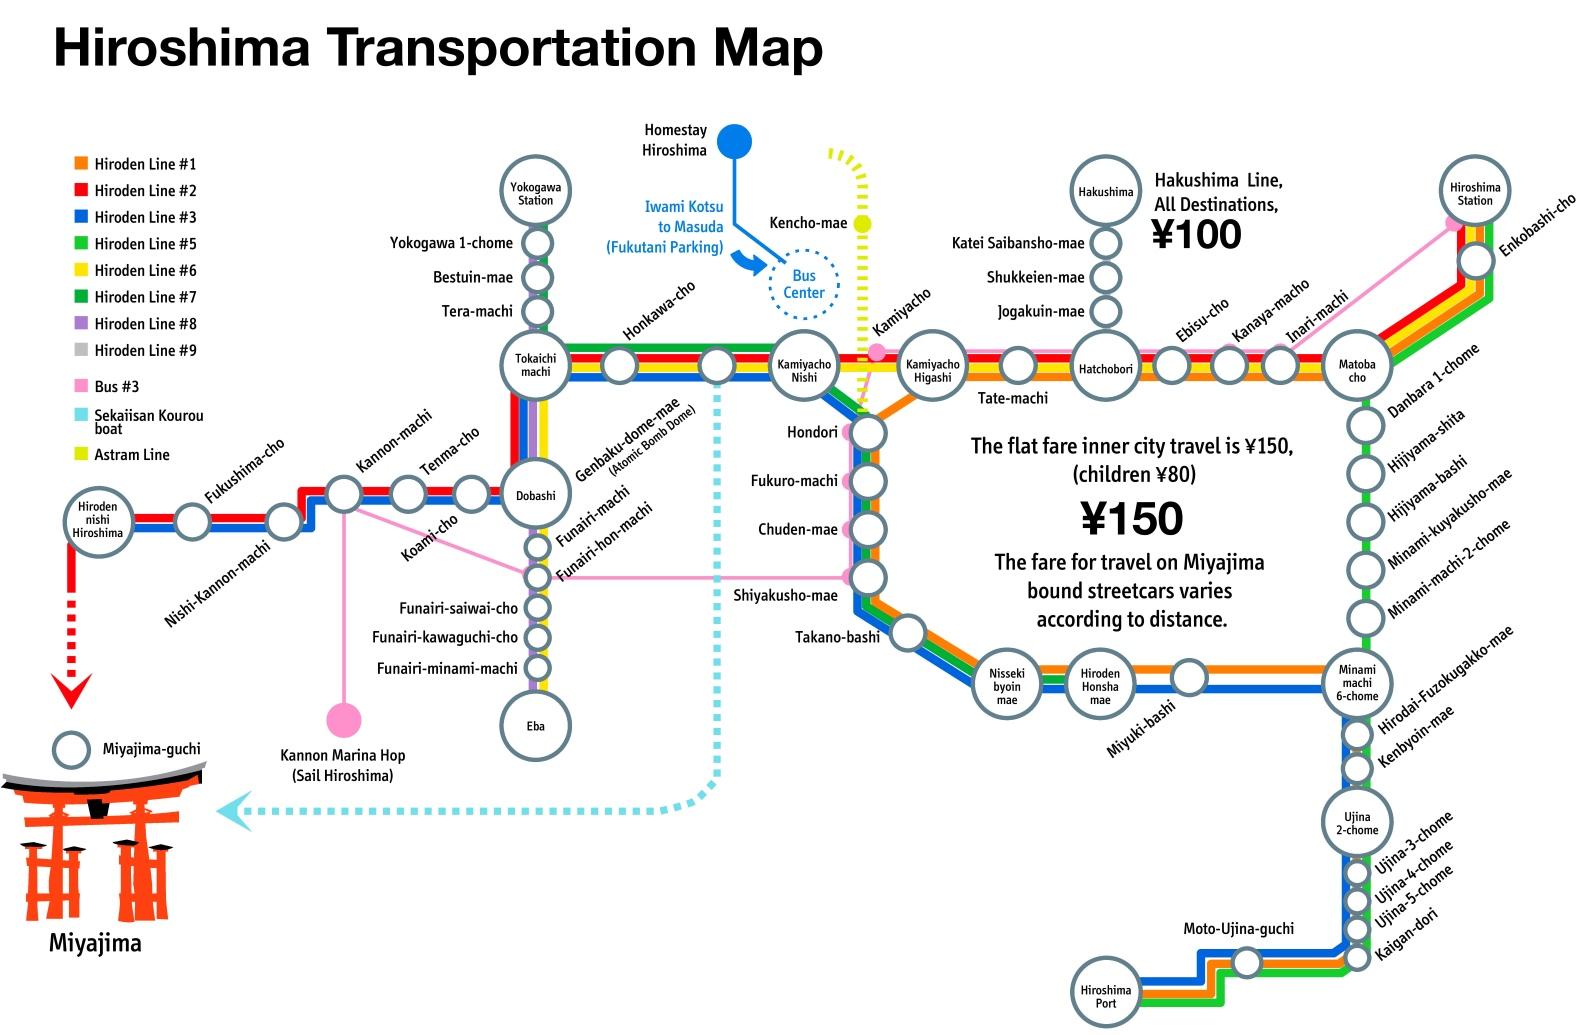 Hiroshima transport map